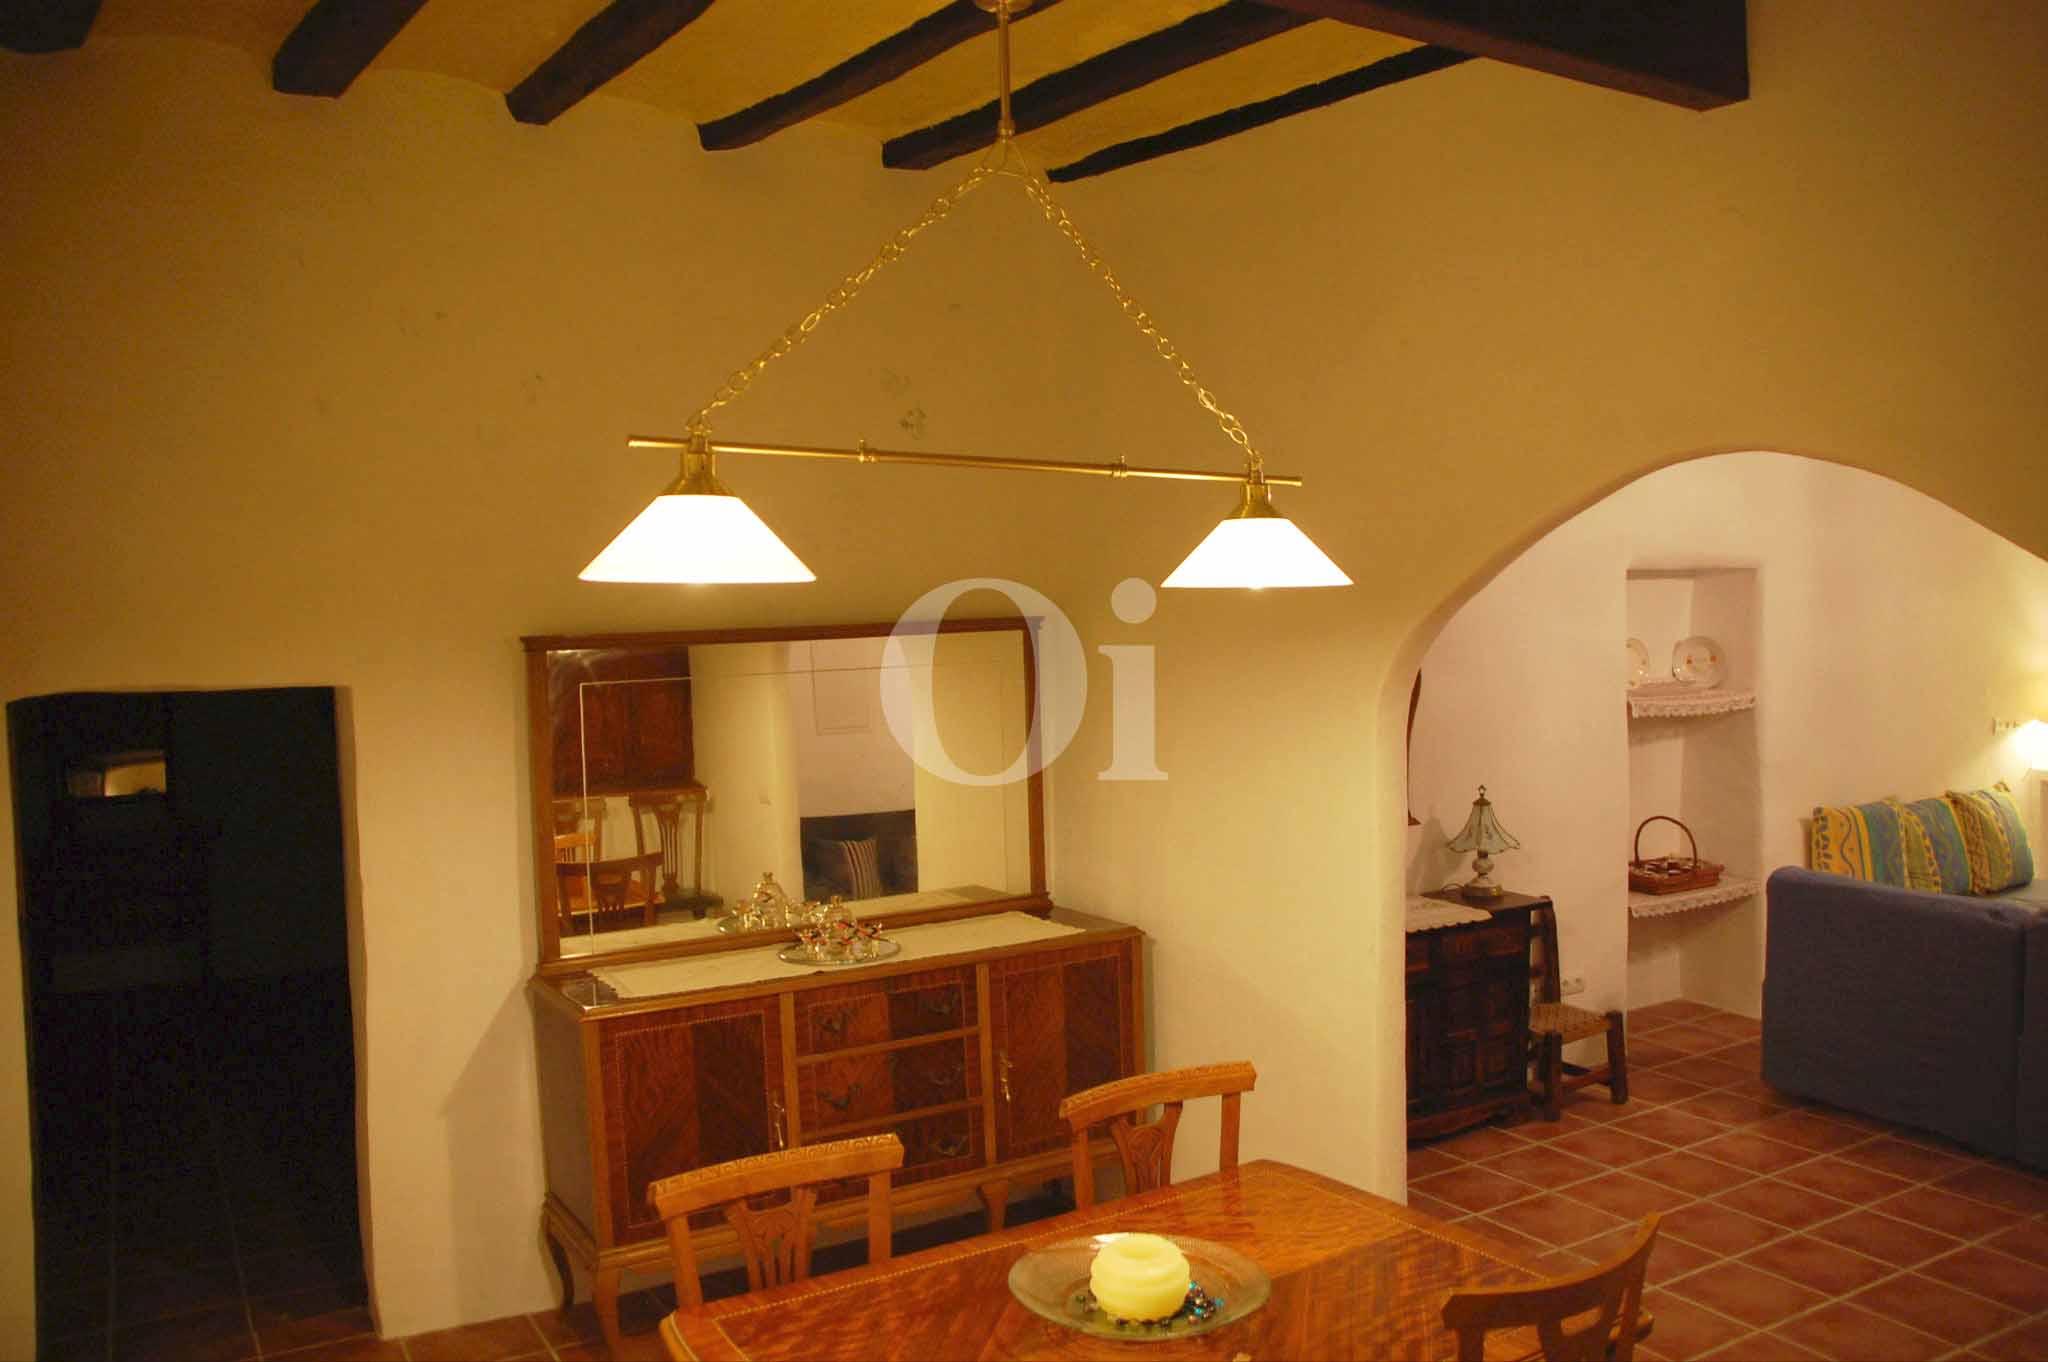 Wohn-Esszimmer mit amerikanischer Küche eines schönen Haus zur Miete in Ses Salines, Ibiza